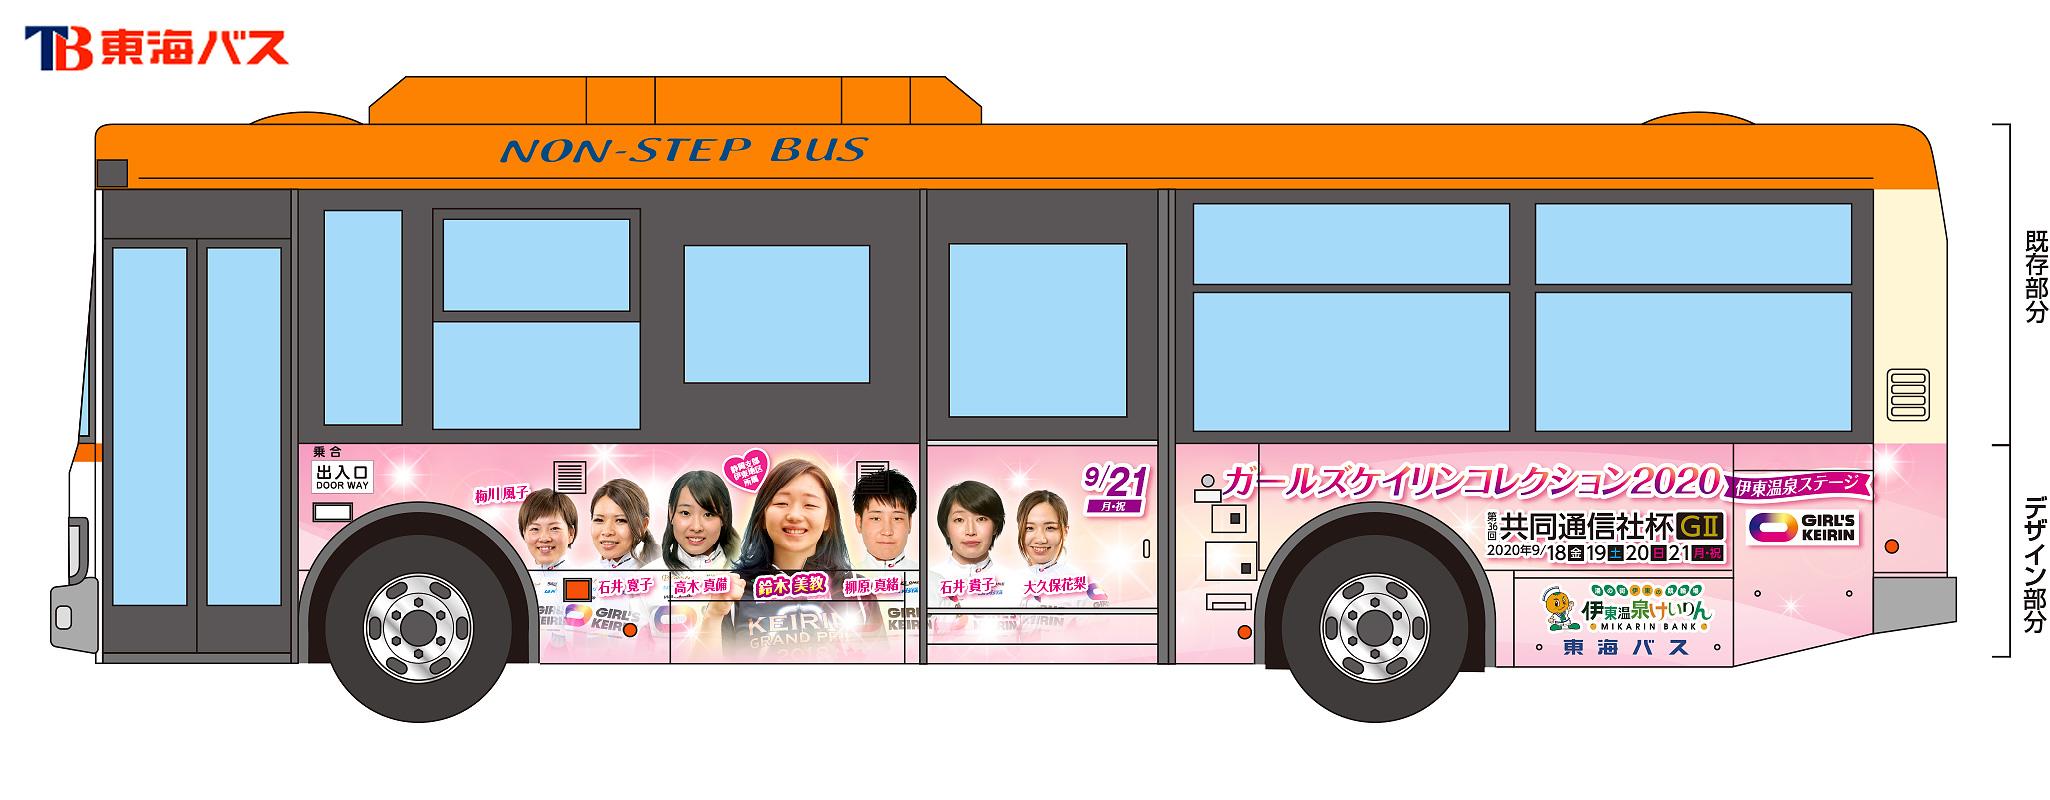 共同通信社杯 ガールズコレクション2020ラッピングバス 東海バス